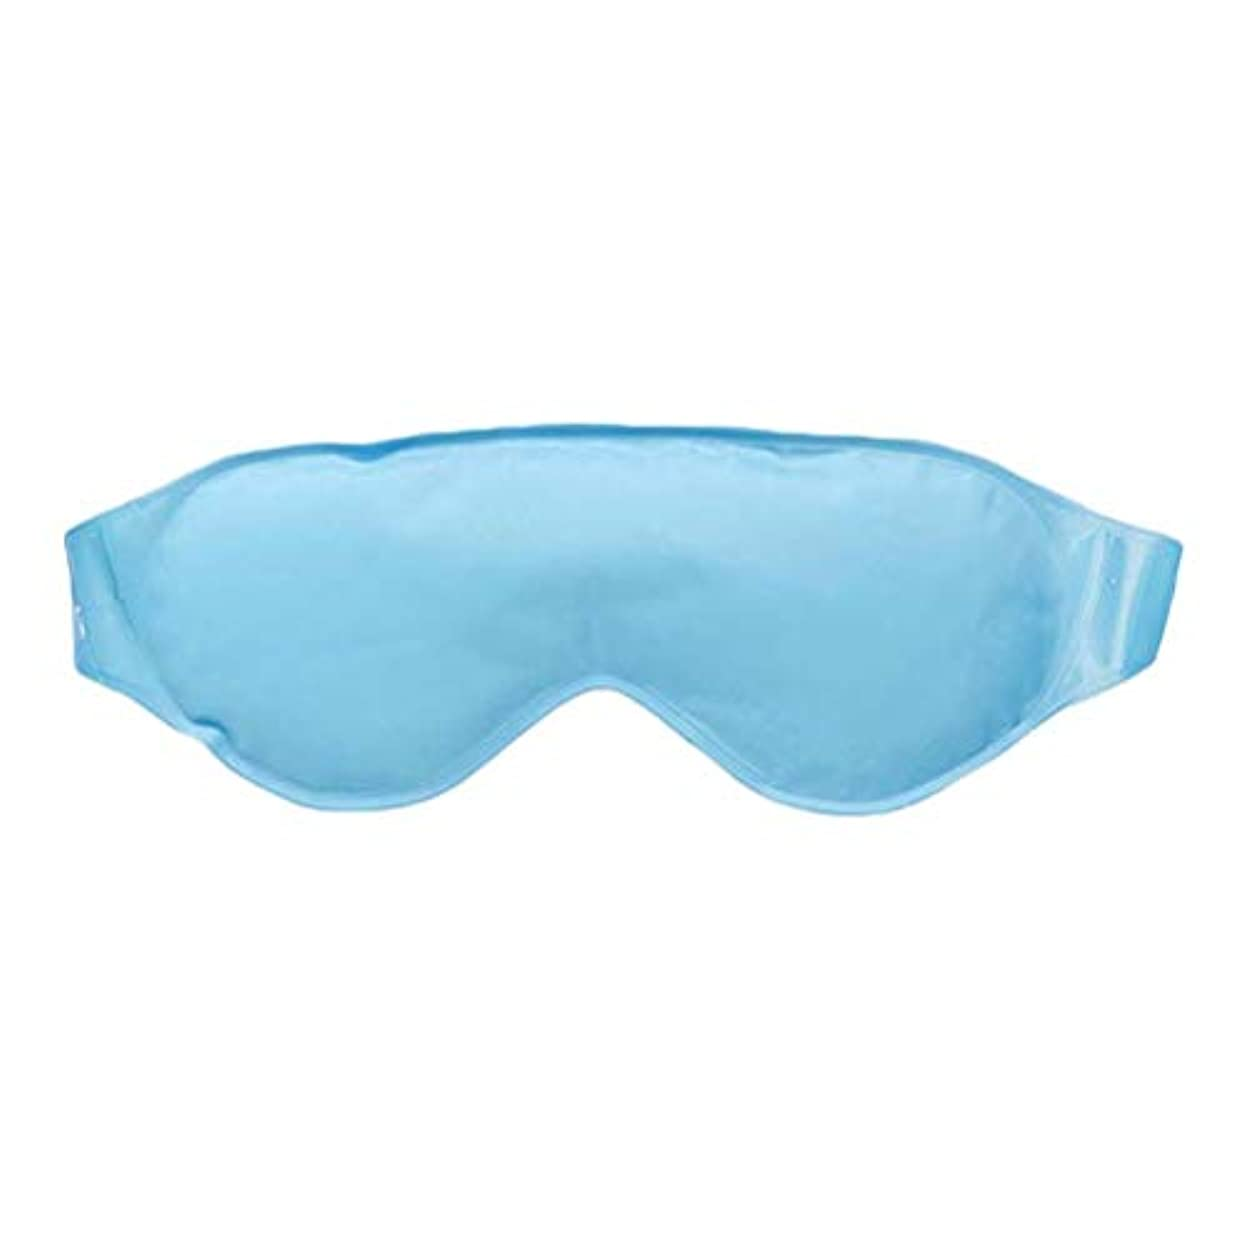 絡み合いアルファベット順航海HEALIFTY 女性の男性のためのアイスアイマスクパッチ目隠し冷却リラックスブラインドパッチ